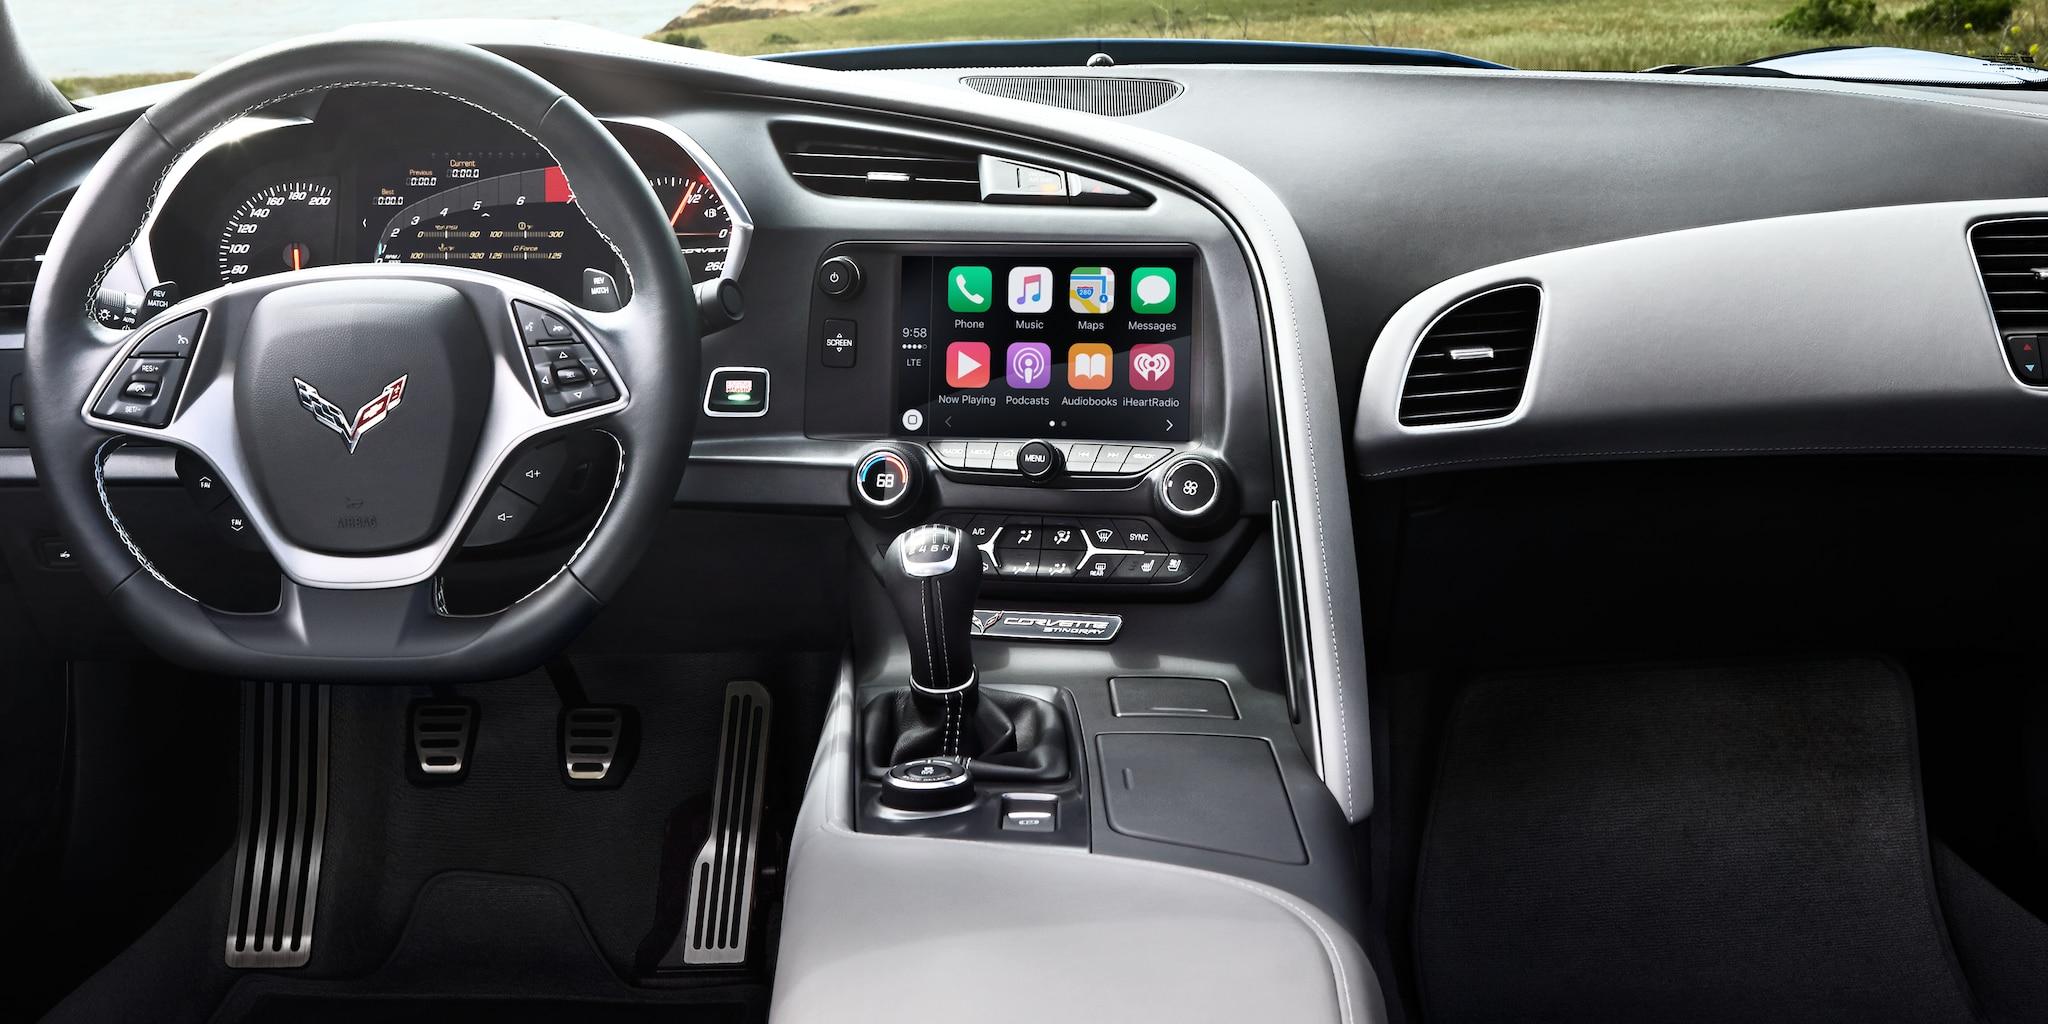 Tecnología del auto deportivo Corvette Grand Sport 2018: Tablero